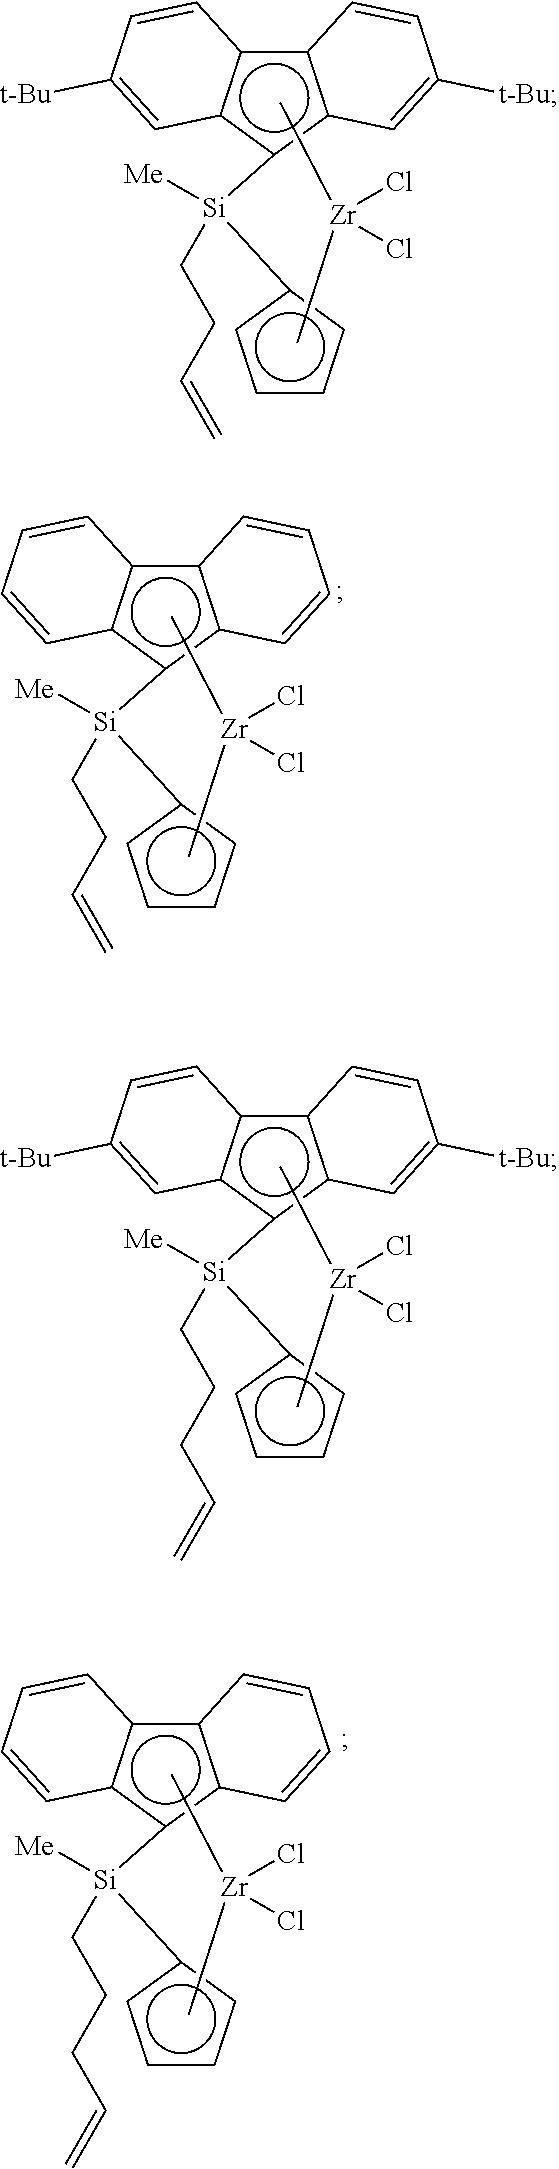 Figure US08501654-20130806-C00009